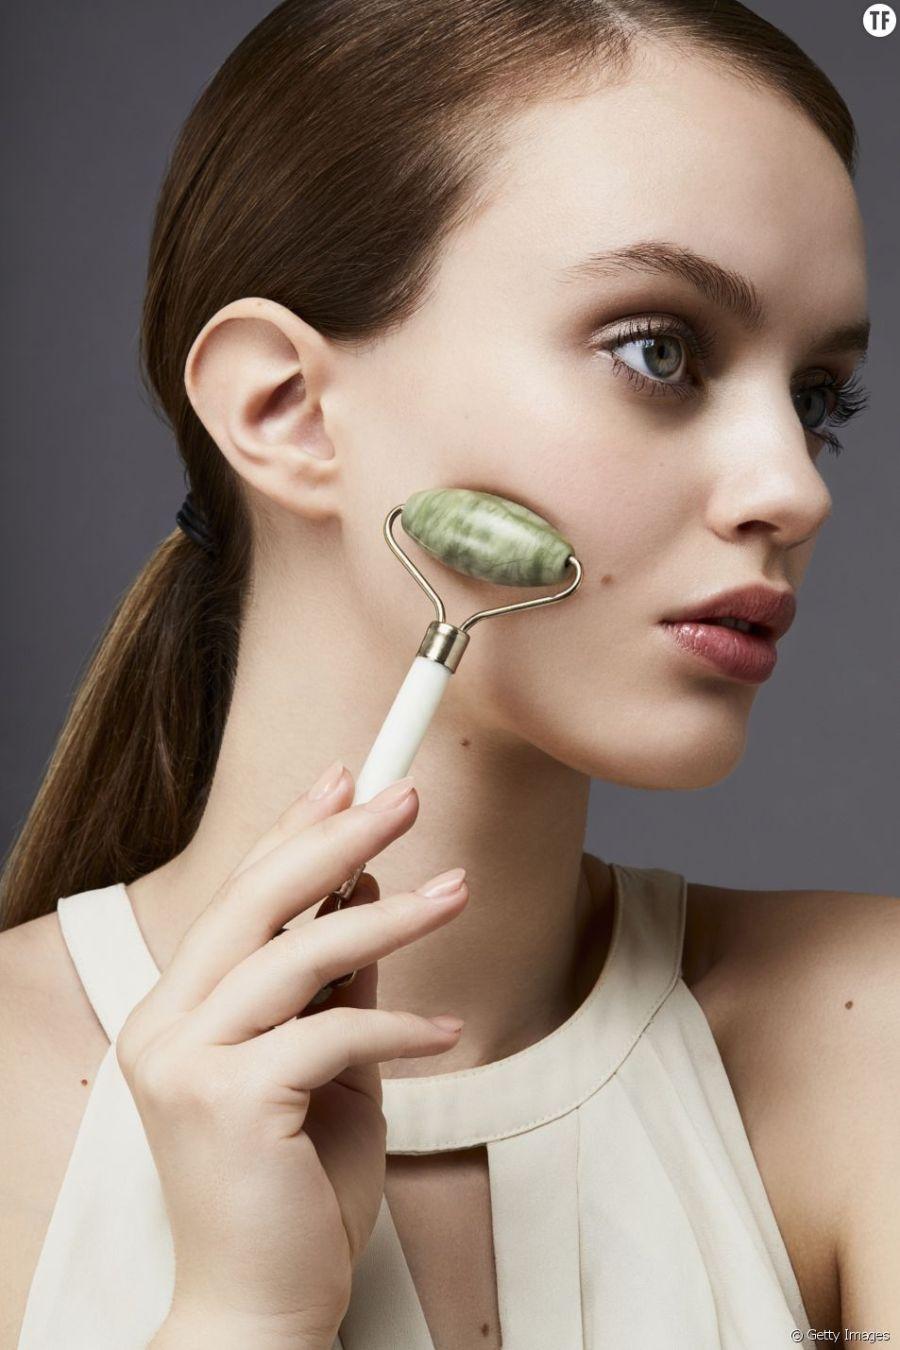 Rouleau de jade : ses bienfaits pour la peau